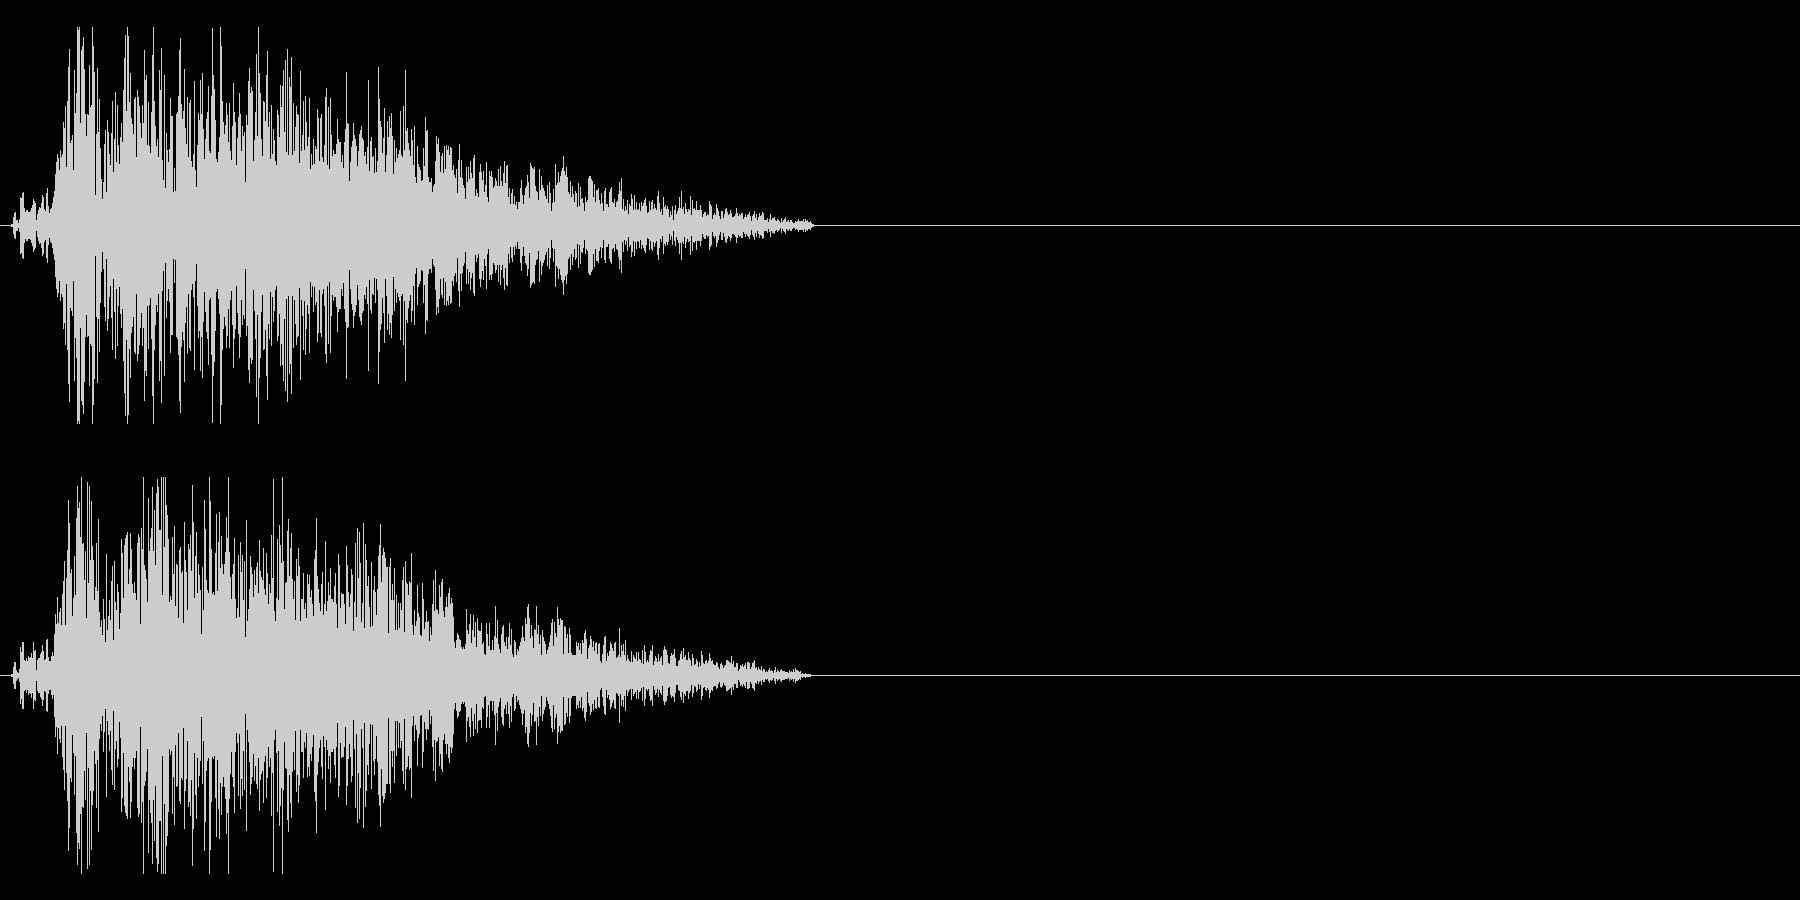 ブシャッ 斬撃音の未再生の波形